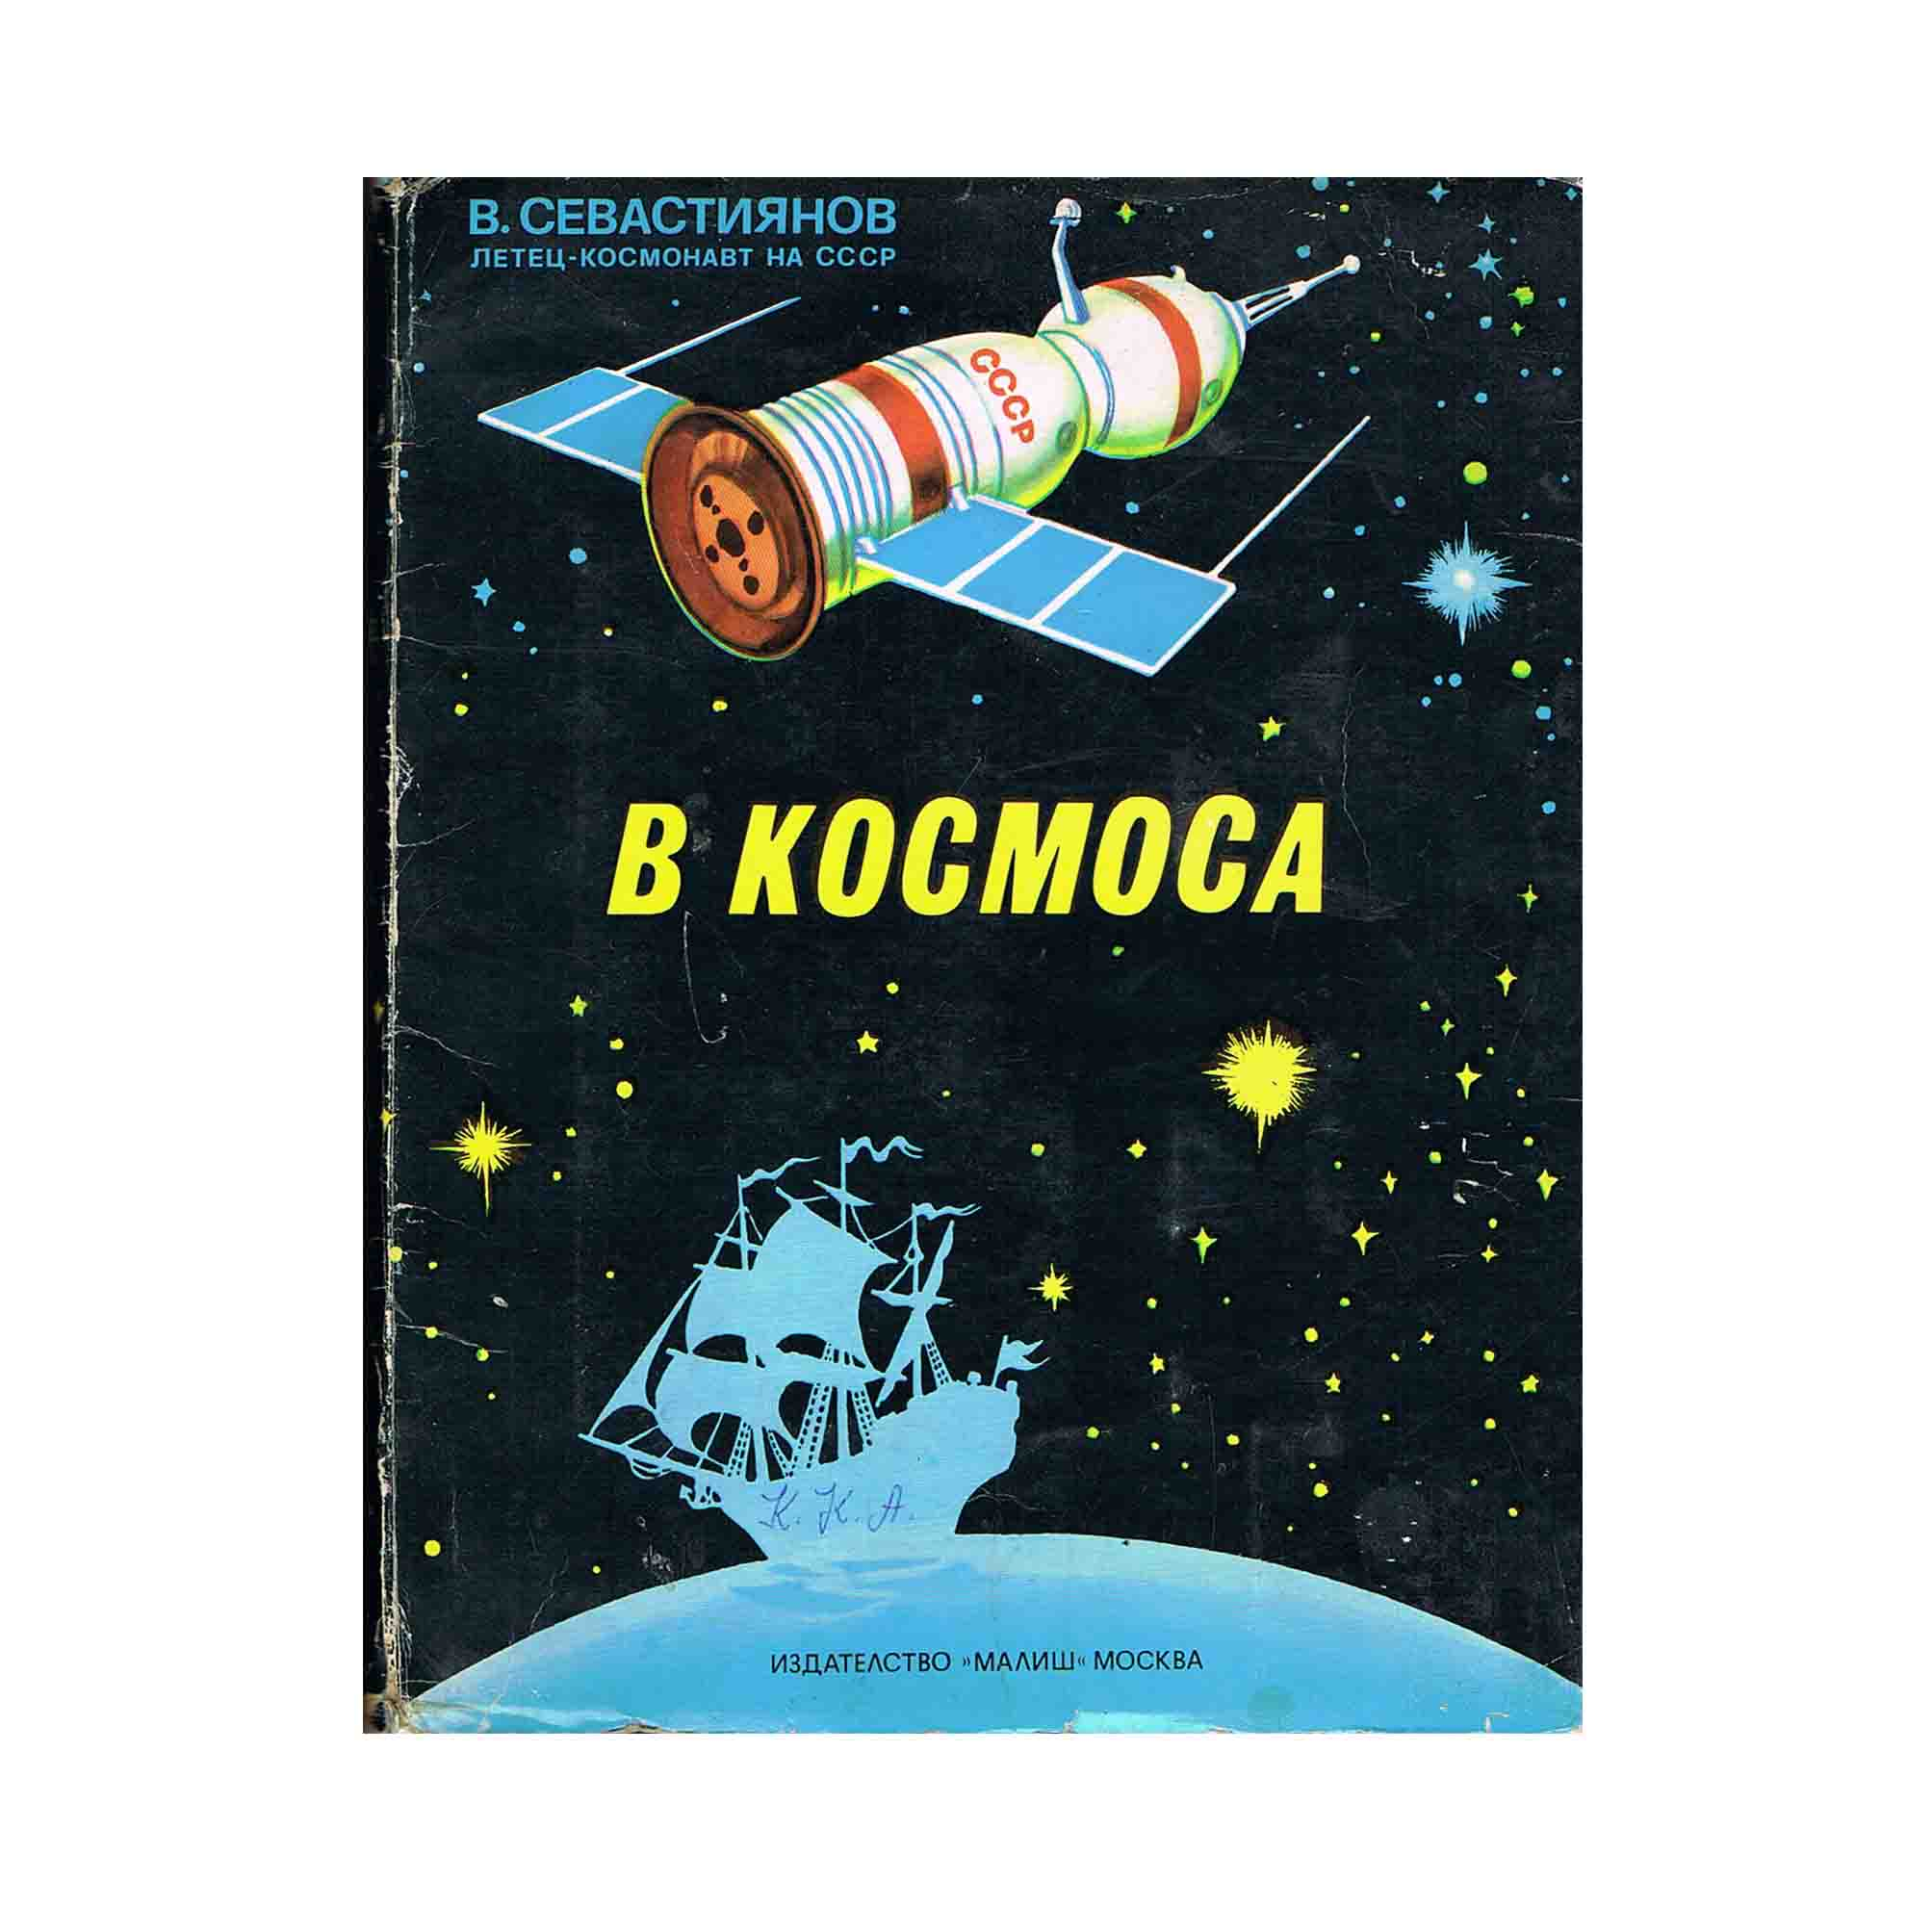 5093-Sevastyanov-Beslik-Kosmosa-1979-title-A-N.jpeg